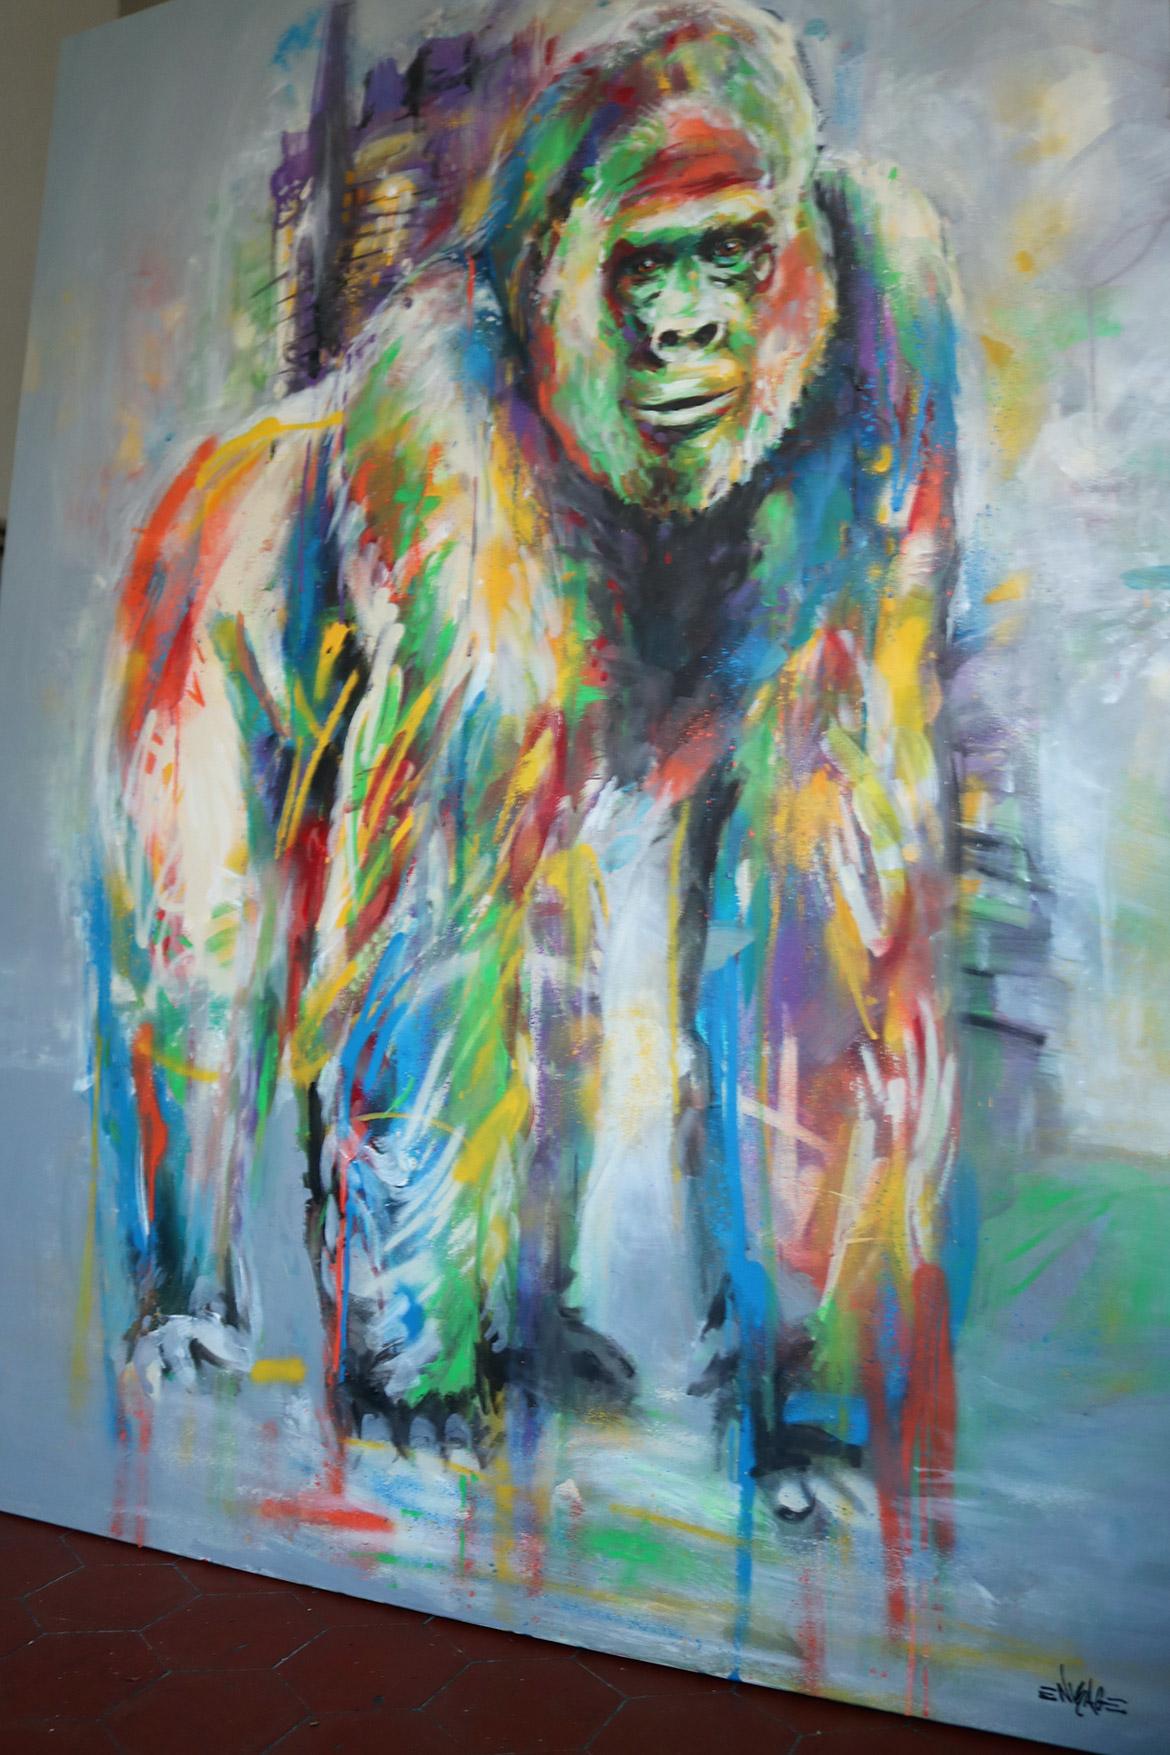 Peinture street art colorée gorille par Enkage